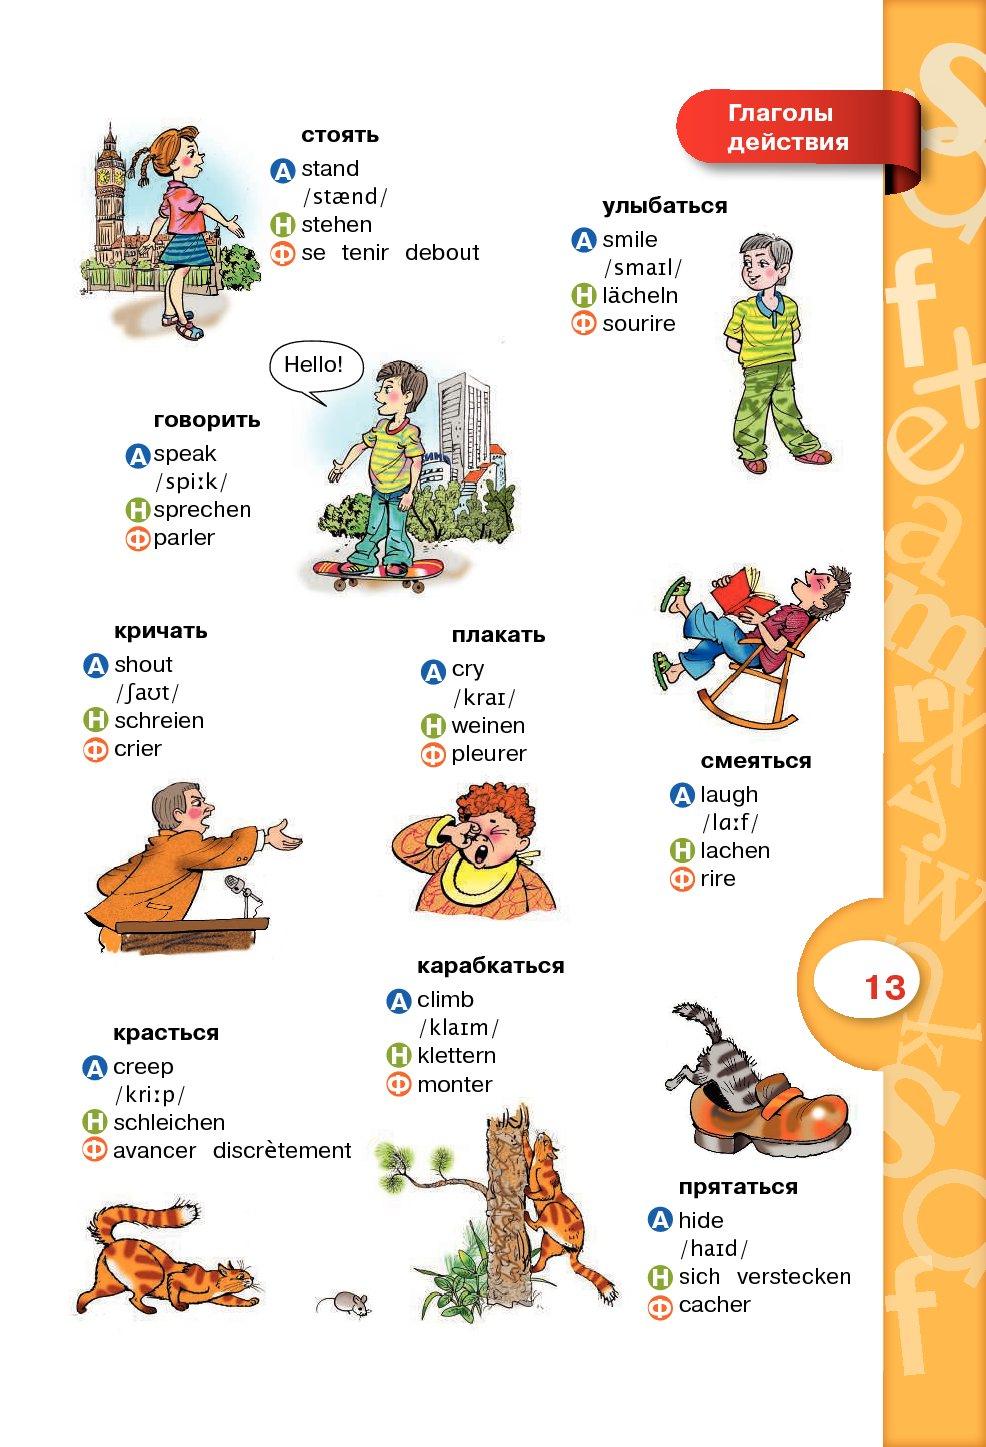 Французские слова в картинках с переводом